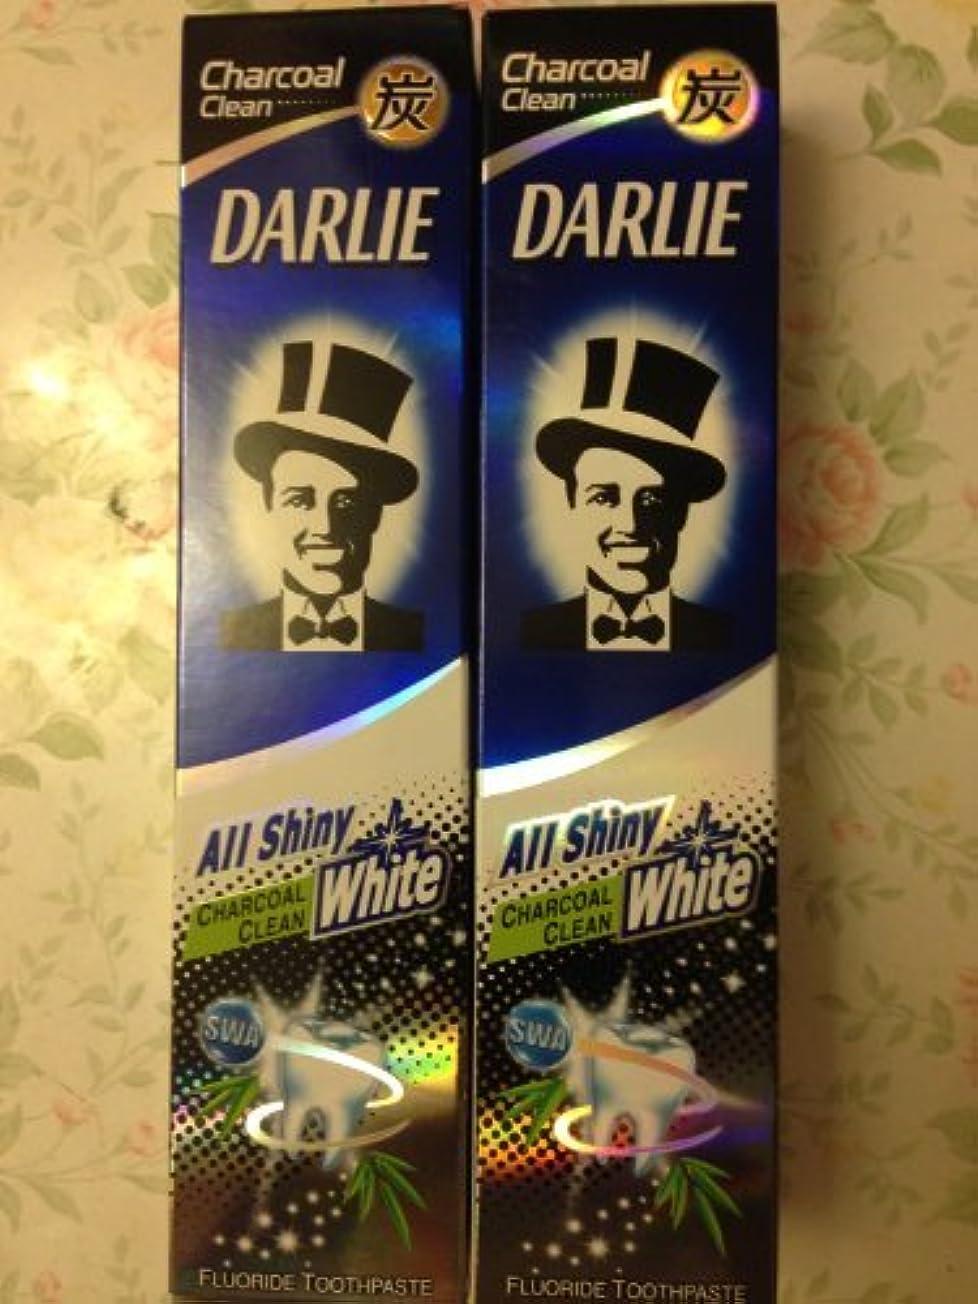 ピンチギャザーこしょう2 packs of Darlie Charcoal All Shiny Whitening Toothpaste by Darlie